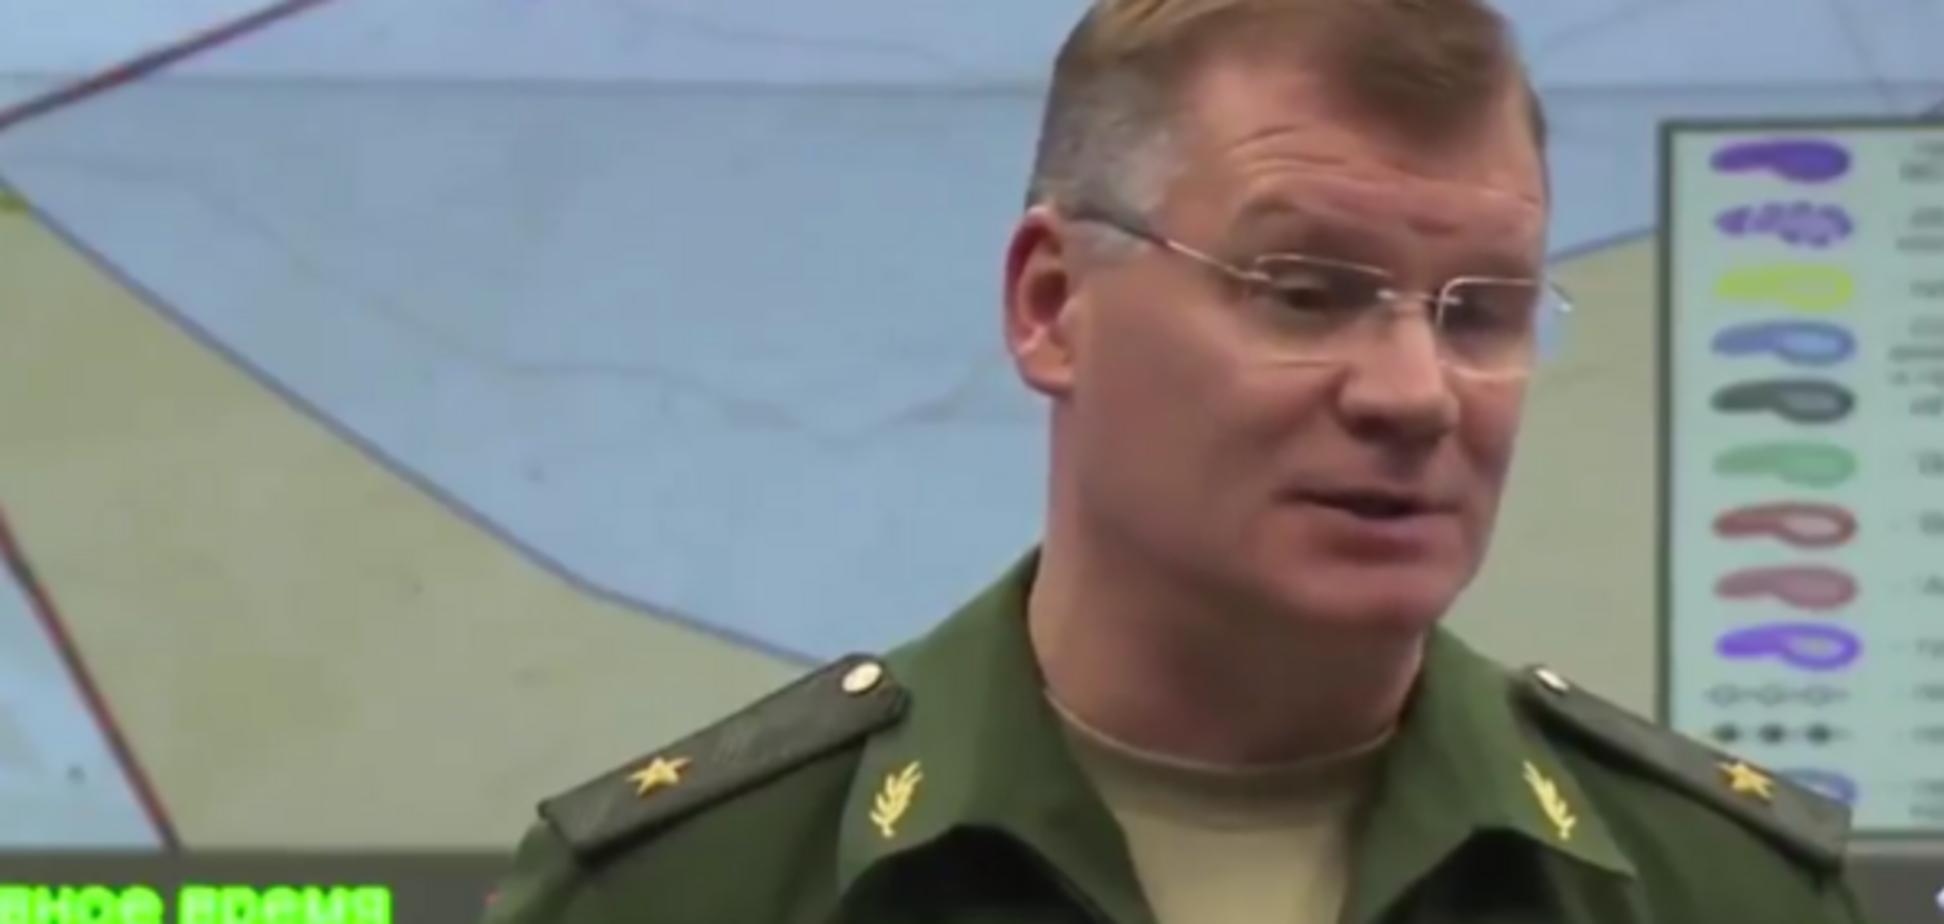 Якби земля була плоскою: в Україні висміяли 'суперзброю' Росії